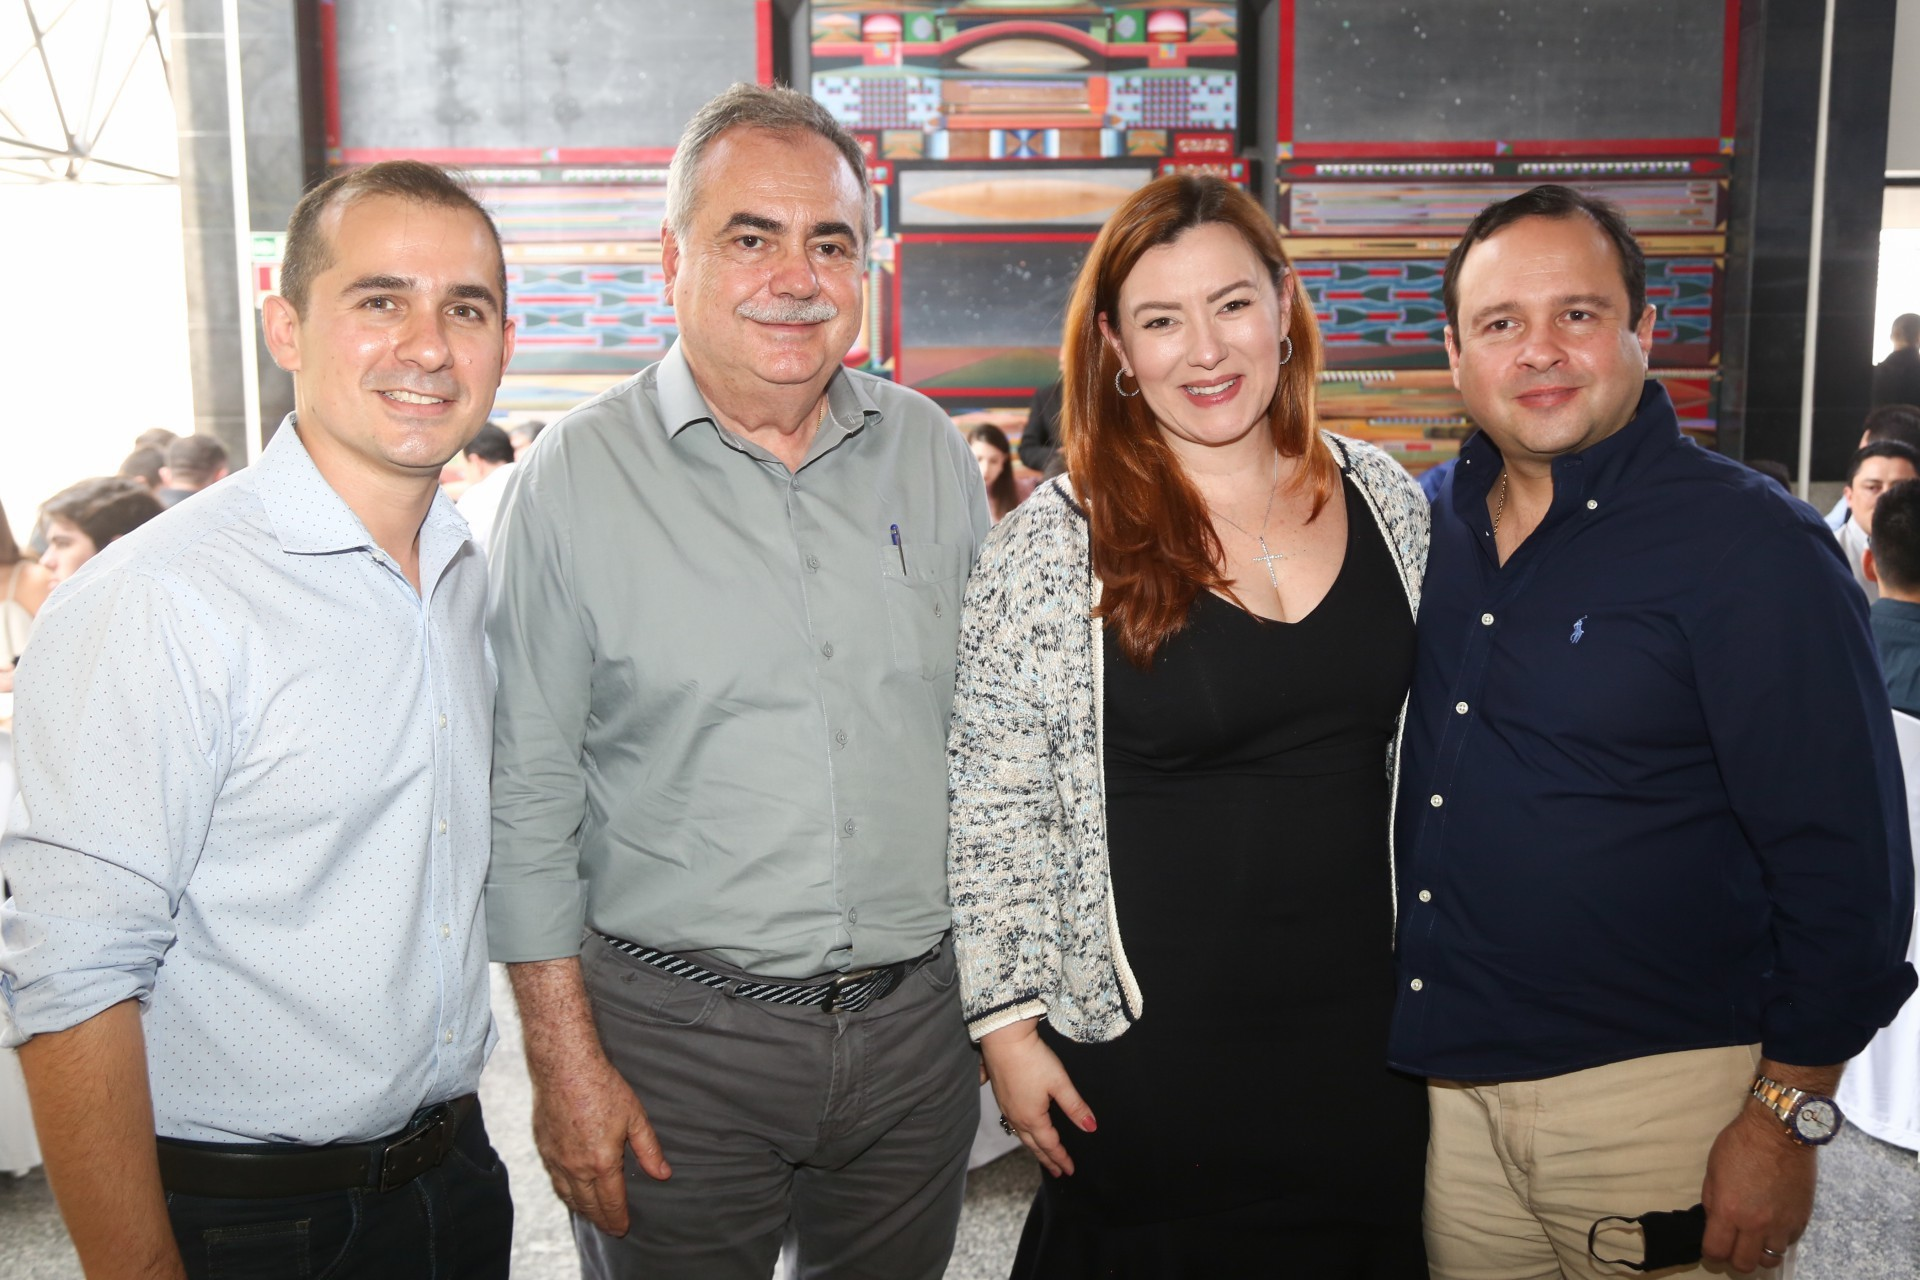 (Foto: Paulo Maximo/ Frisson/ Divulgação)Roberto Leite Junior, Assis Cavalcante, Aline e Igor Barroso